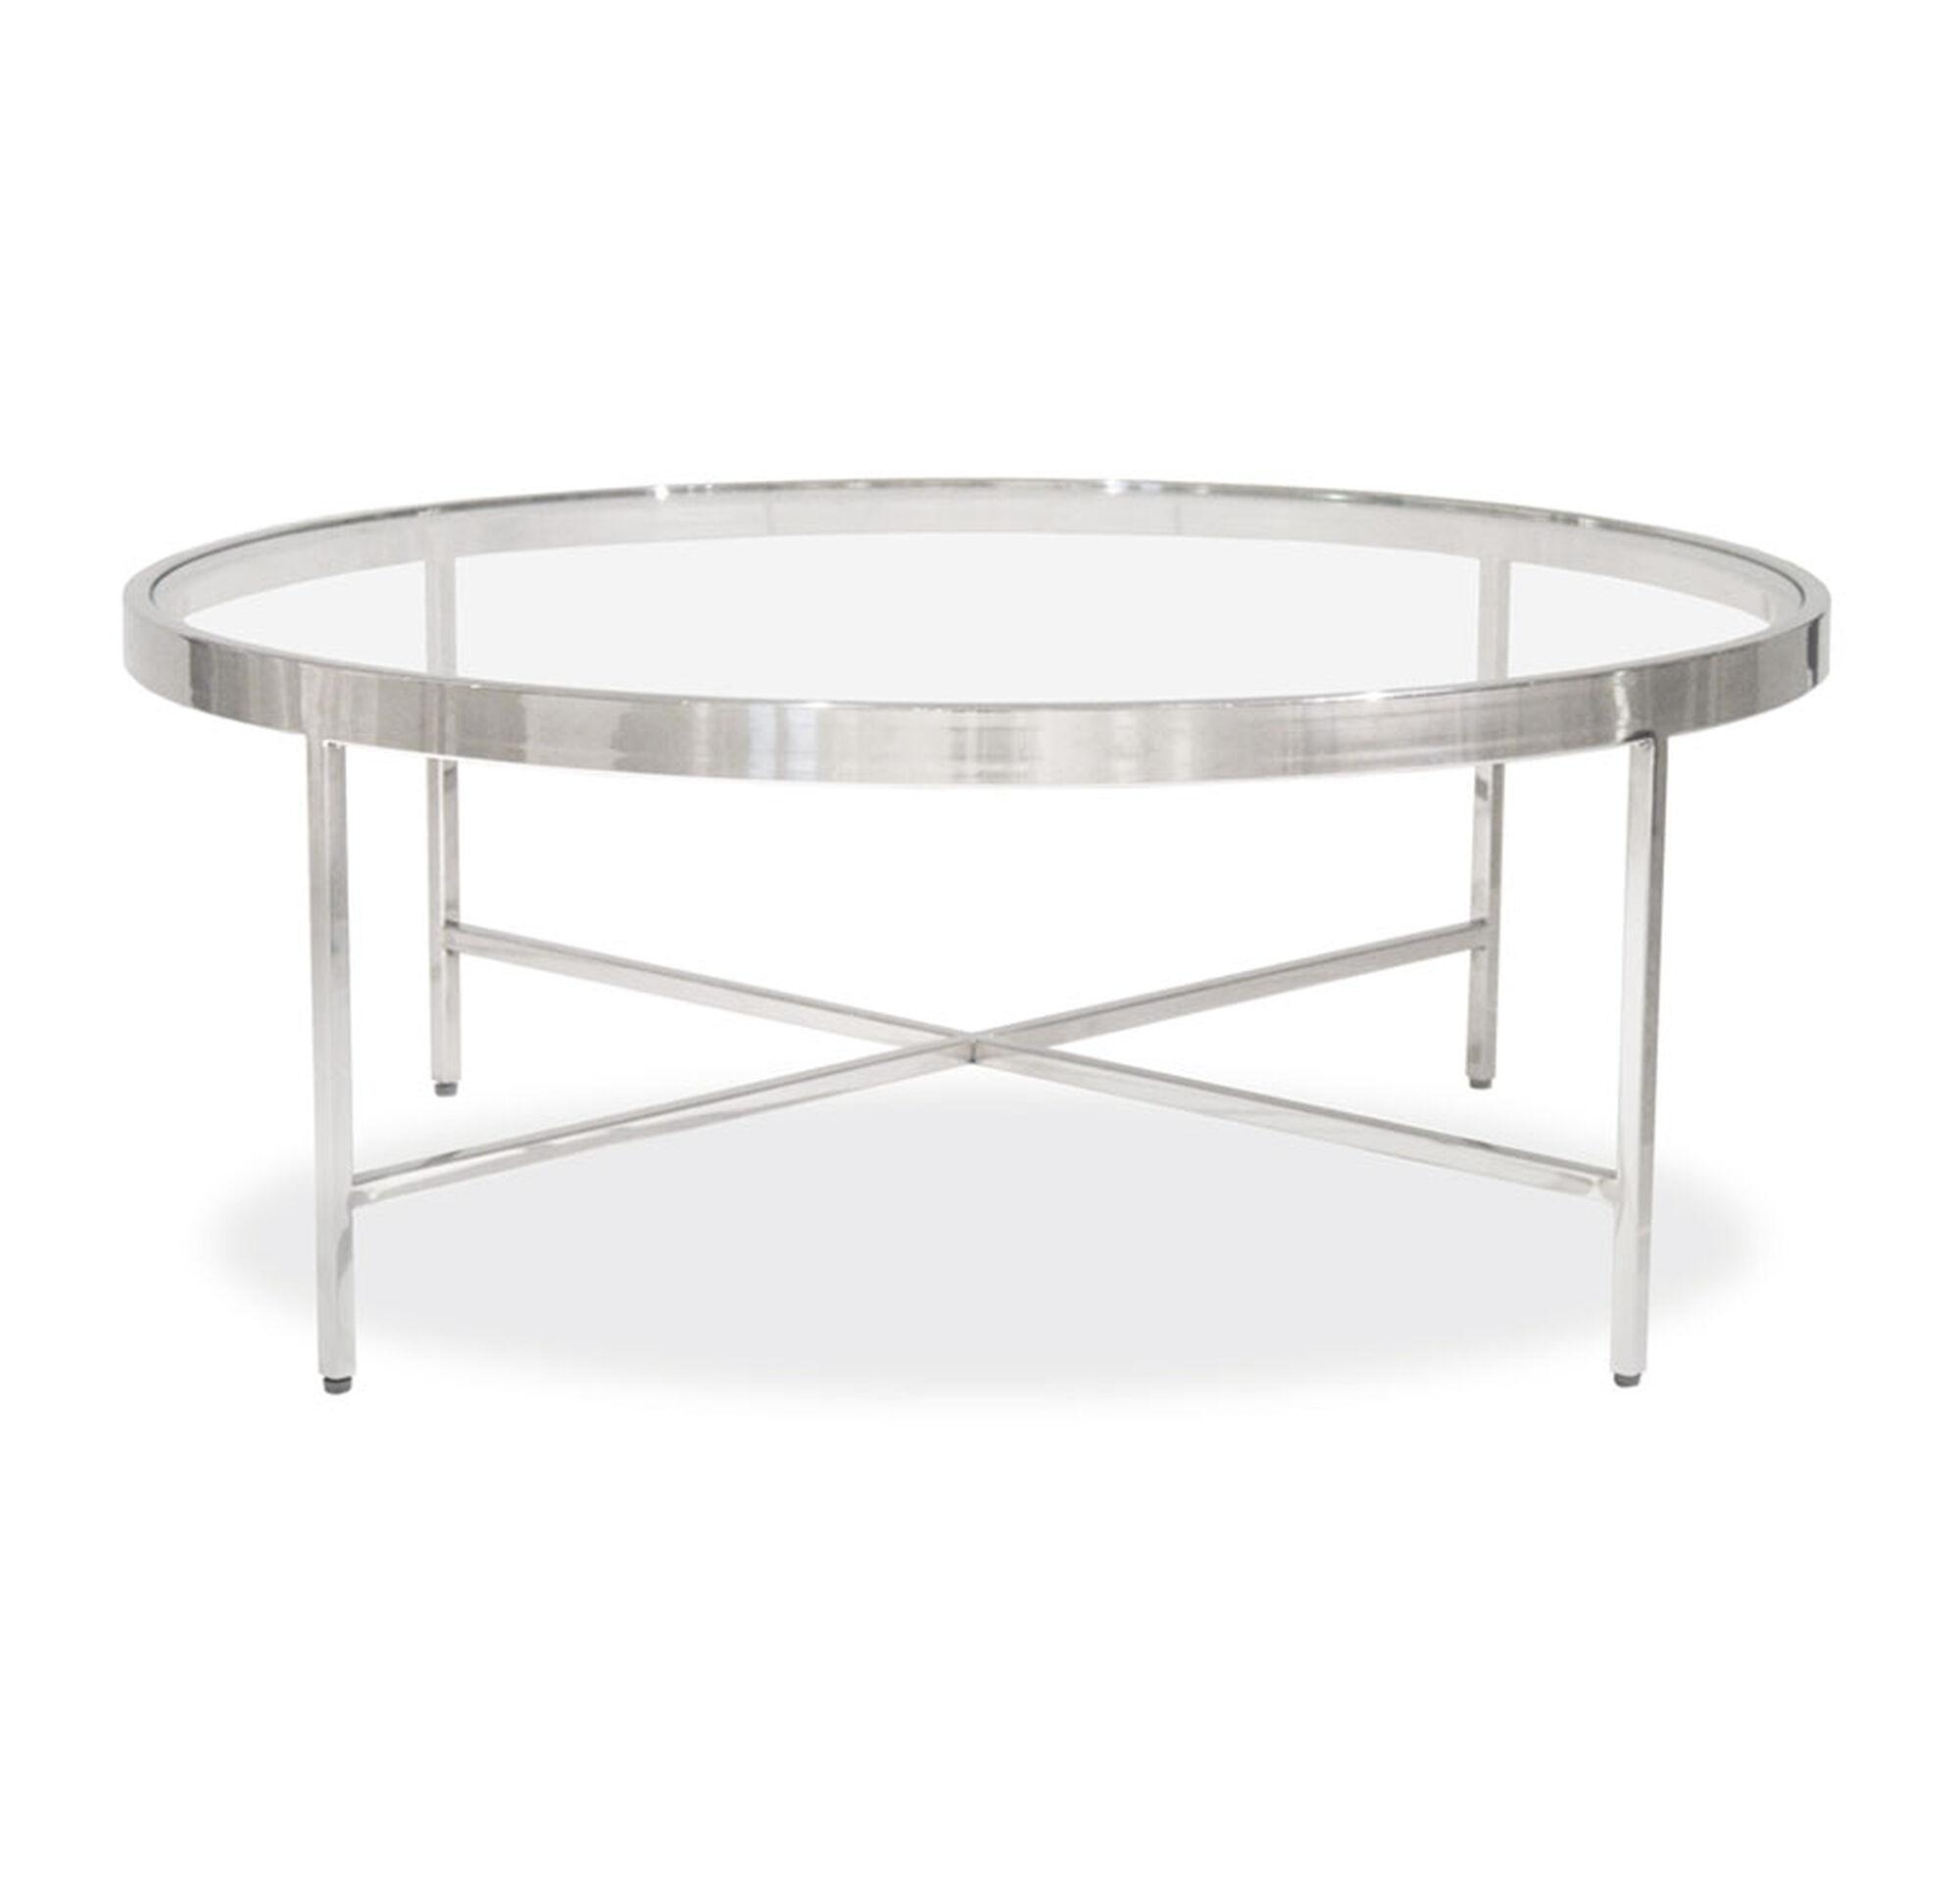 VIENNA ROUND COCKTAIL TABLE